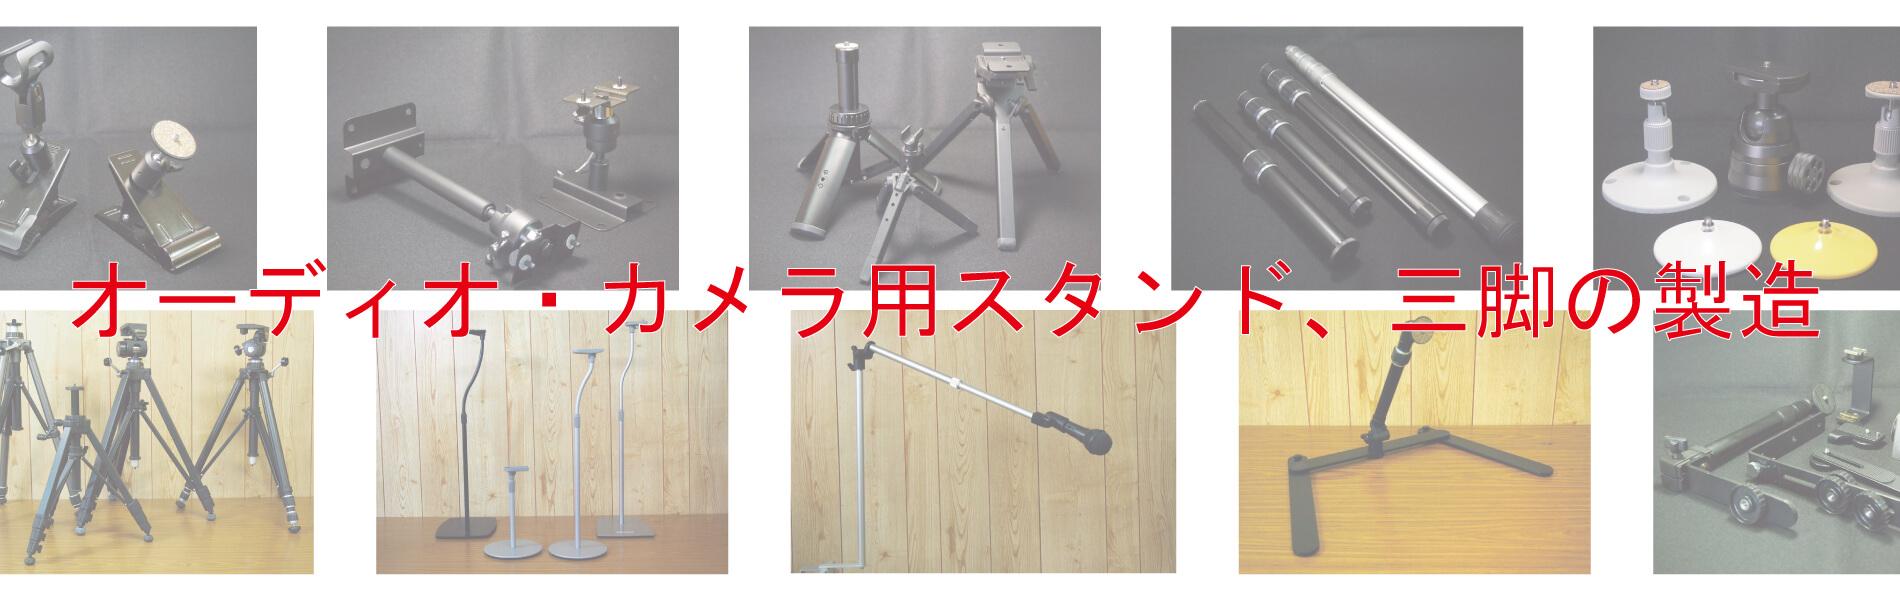 オーディオ・カメラ用スタンド、三脚の製造